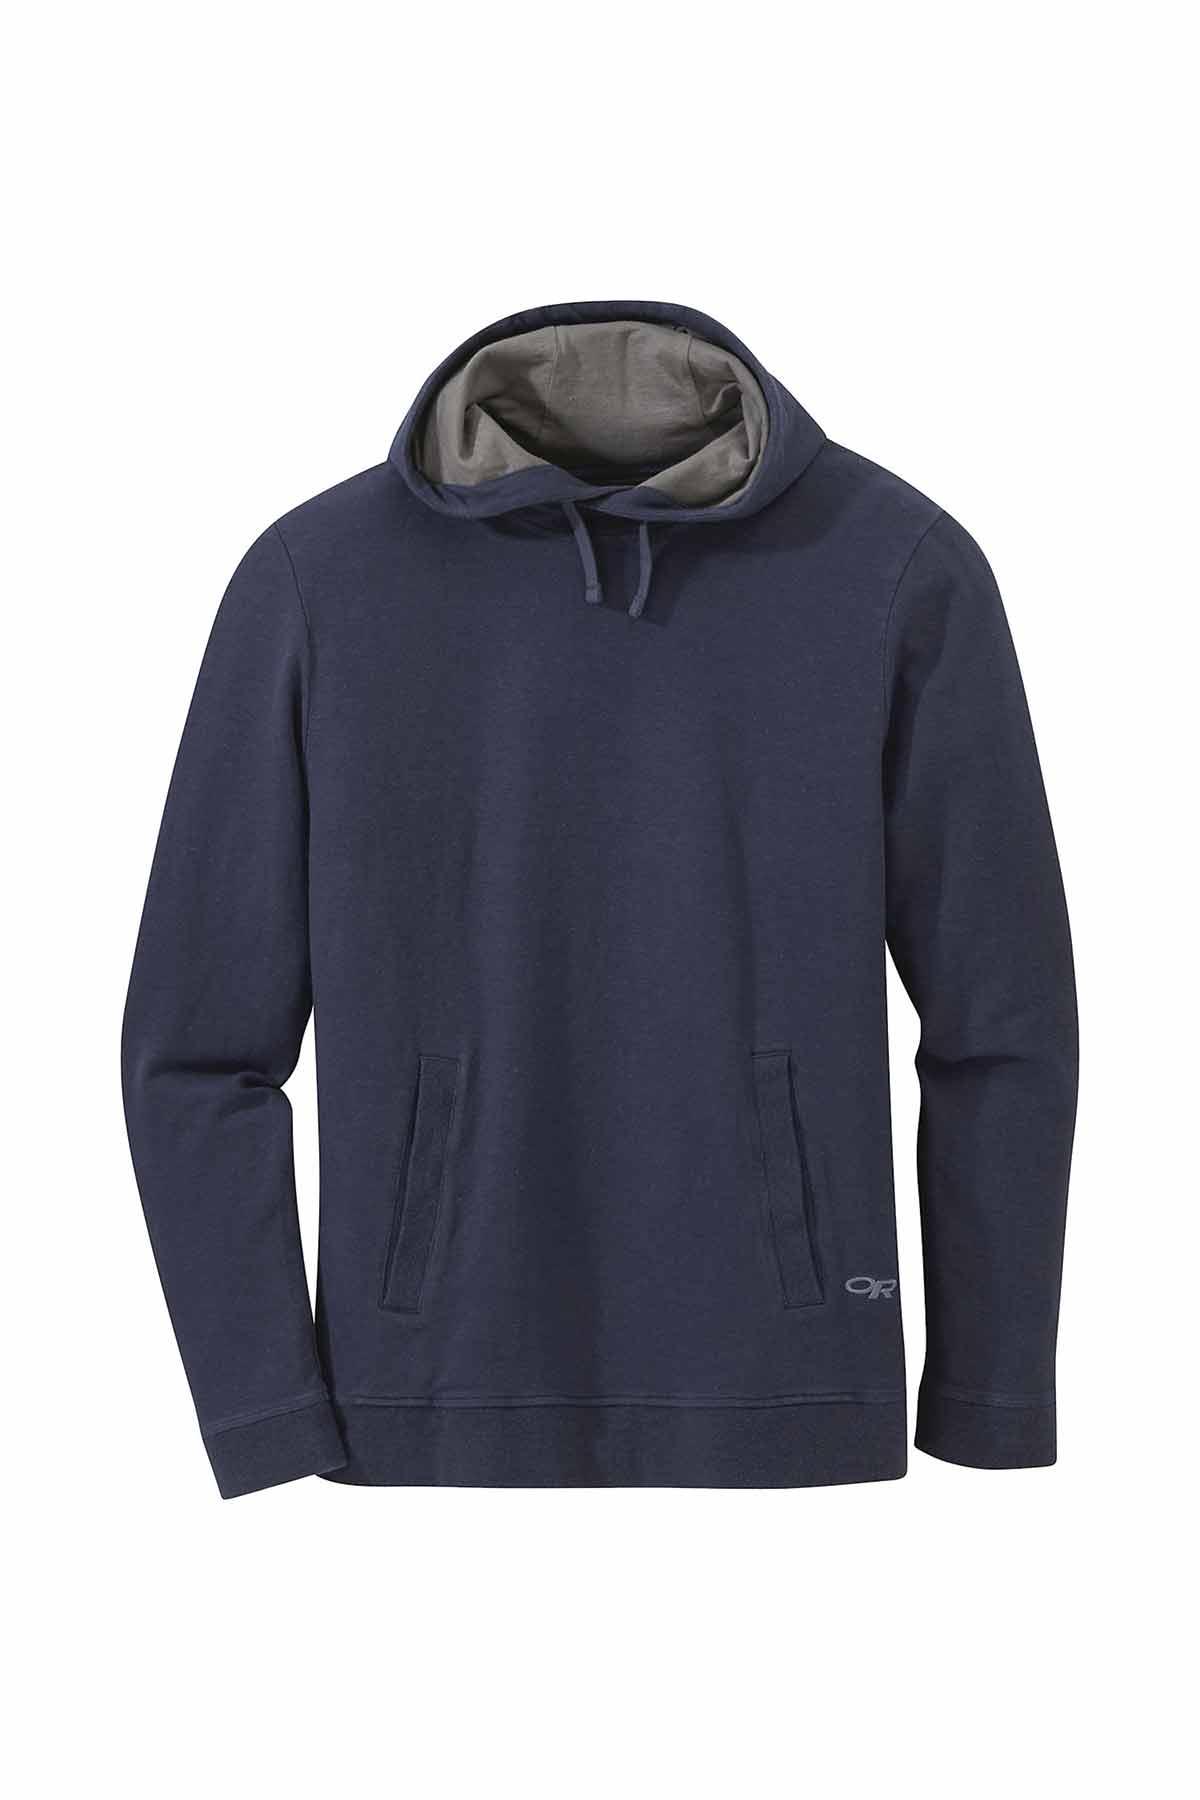 OR Men's Sonora Hoody Naval Blue